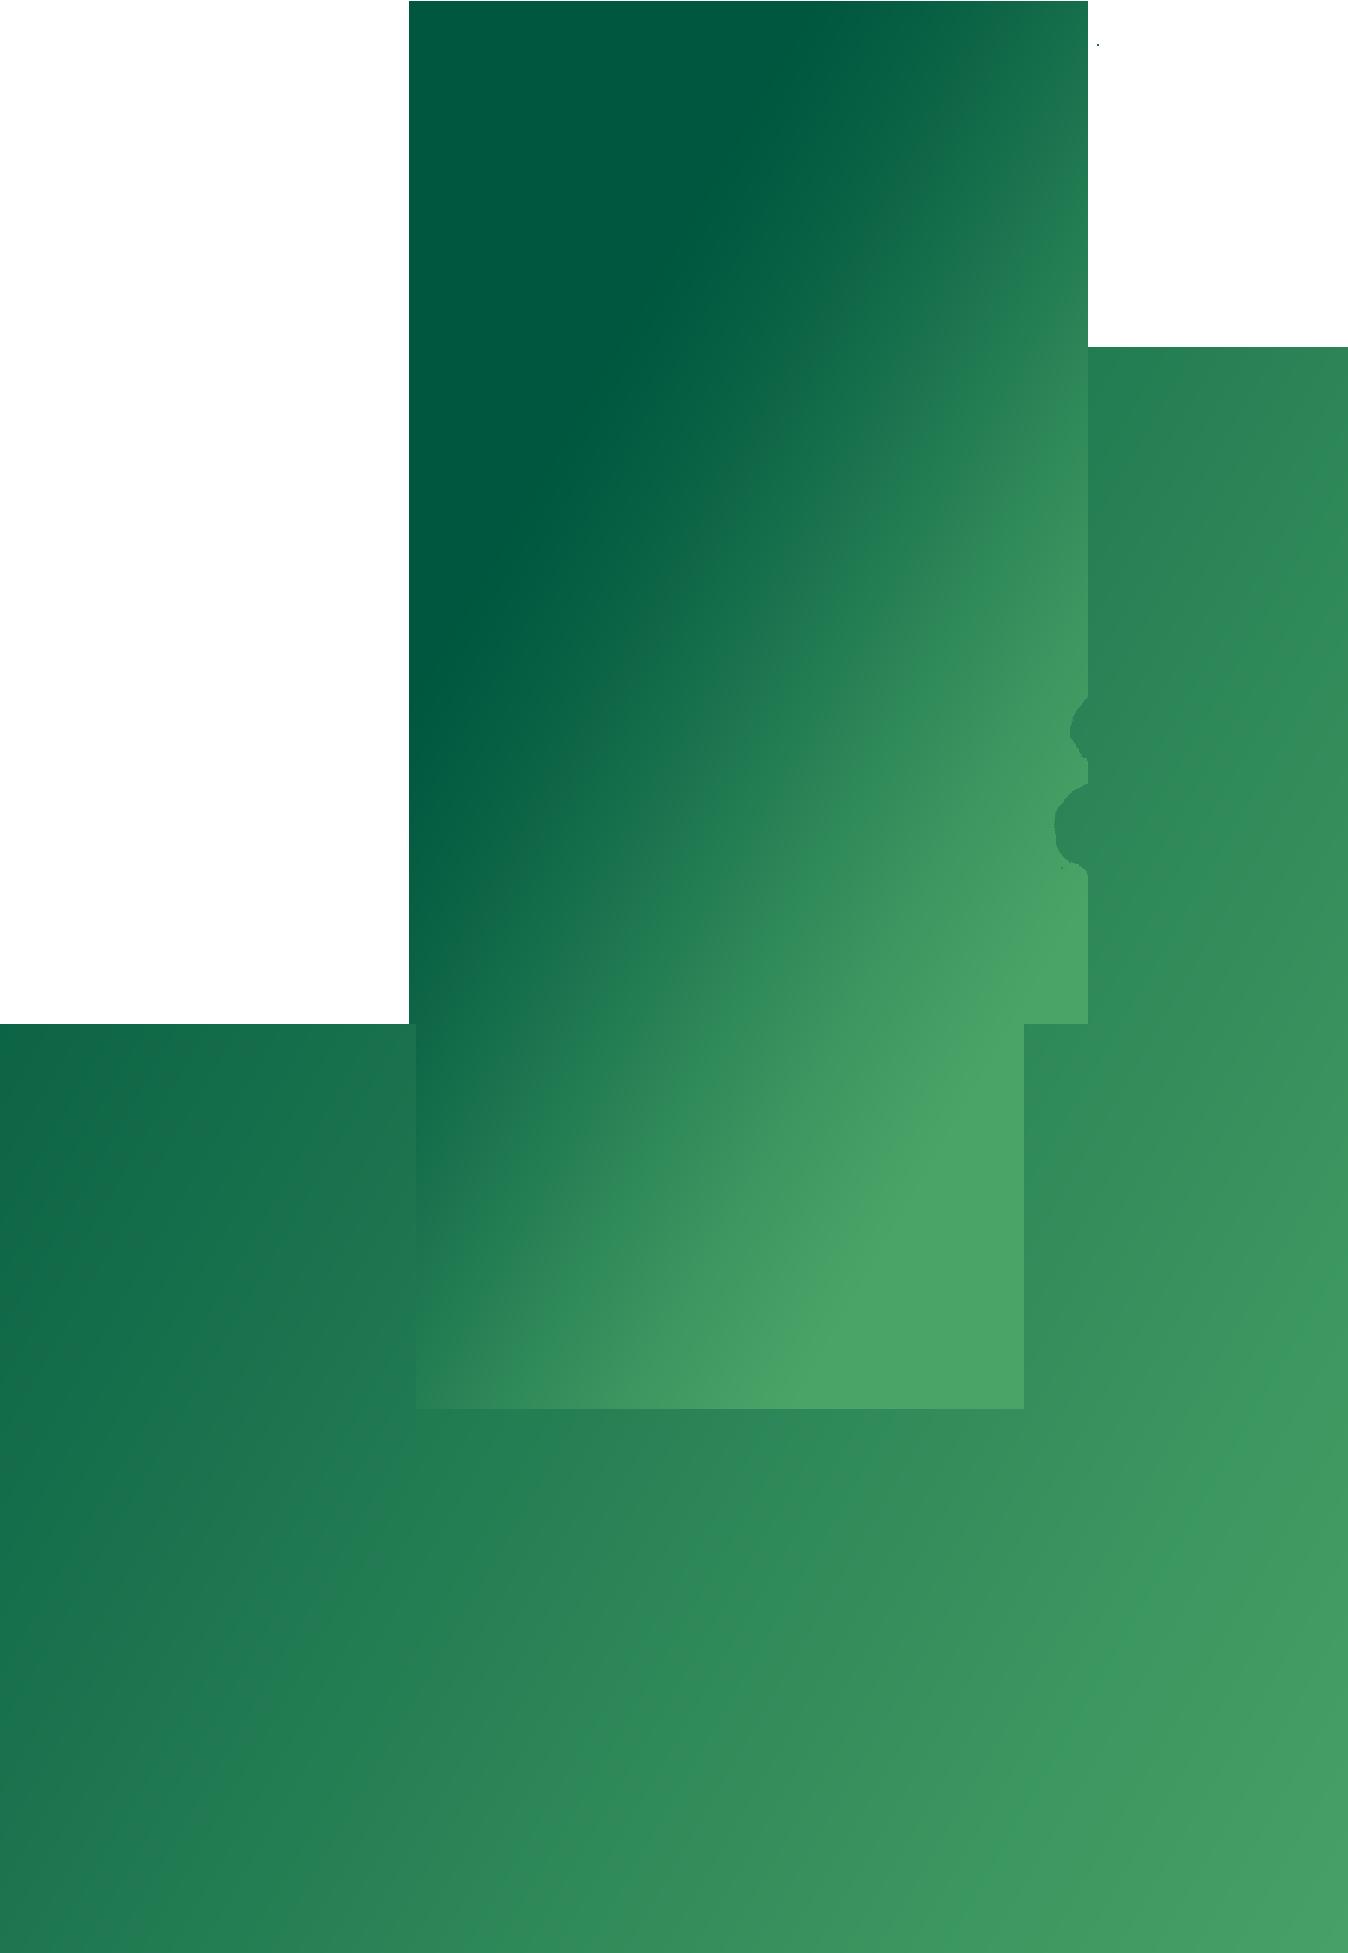 LeHuppé_ROGÉ_ILLUSTRATION_arbres-01